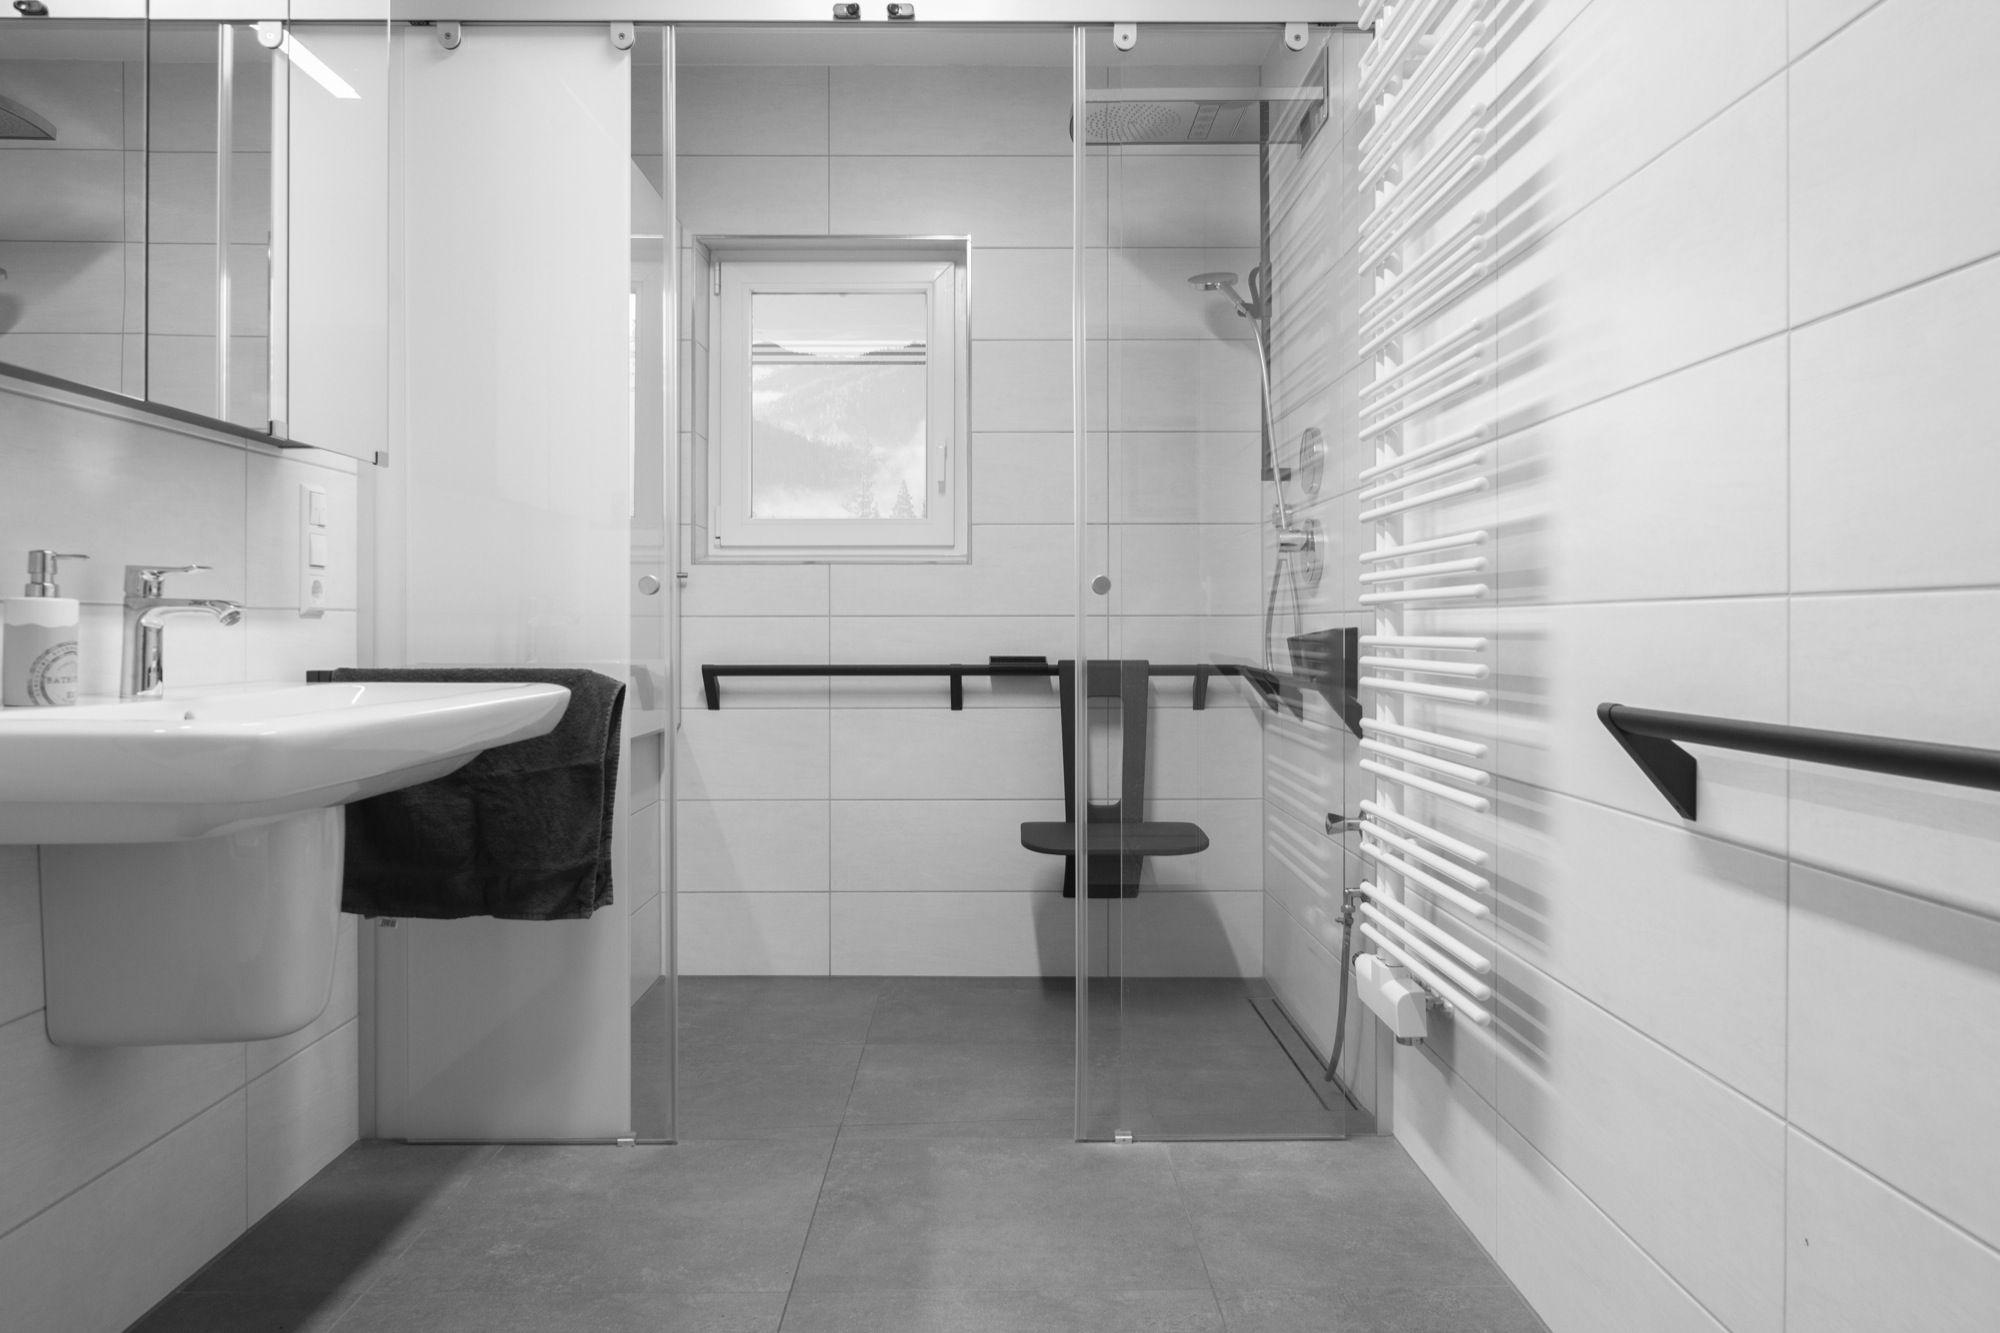 Barrierefreies Badezimmer In 2020 Barrierefrei Bad Badezimmer Umbau Badezimmer